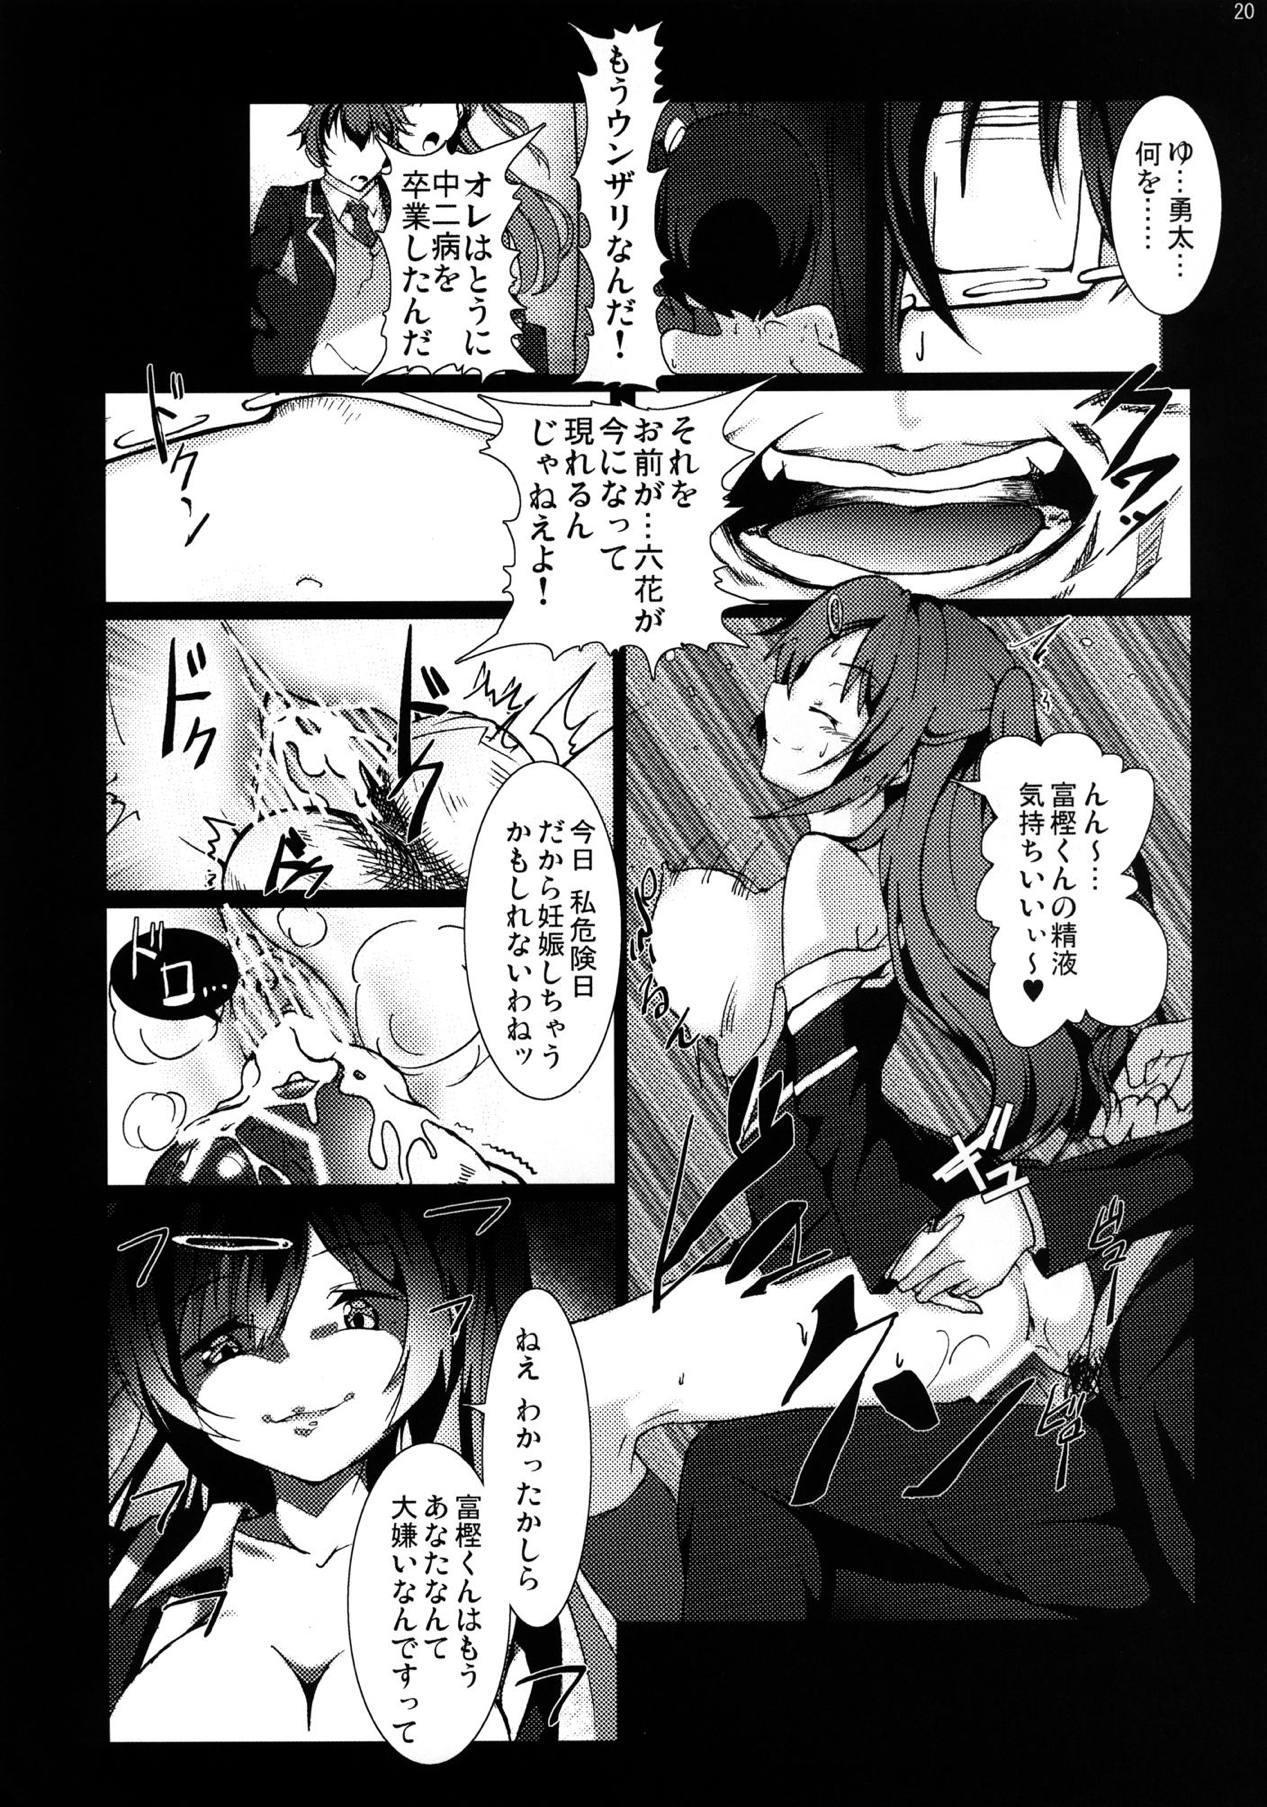 Chuunibyou demo Ninshin Shitai! 18